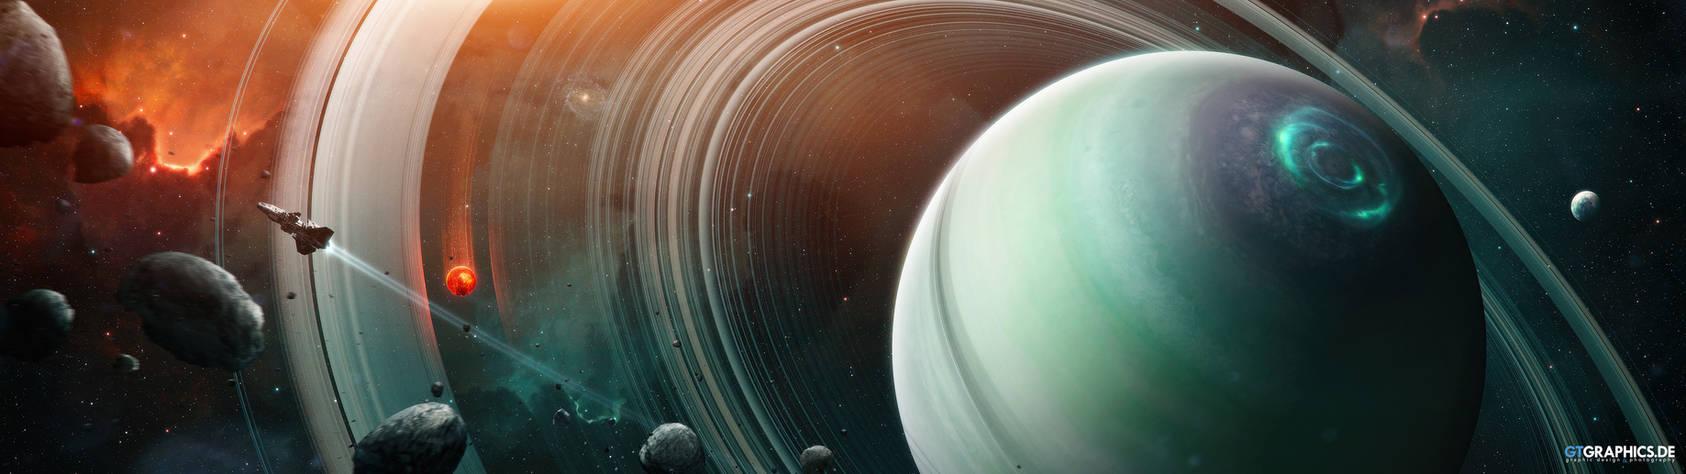 Rings of Arodu